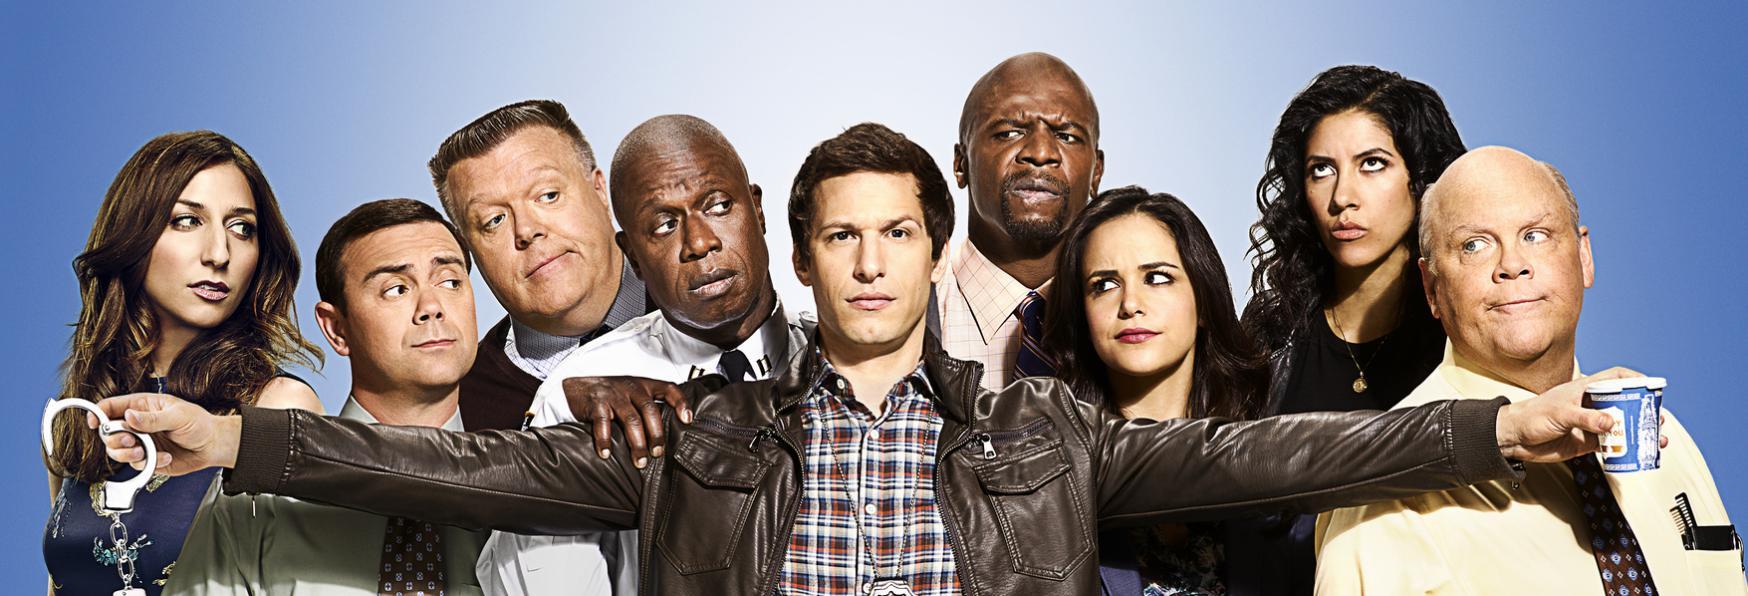 Brooklyn Nine-Nine: la mitica Serie TV di NBC viene rinnovata per un'8° Stagione